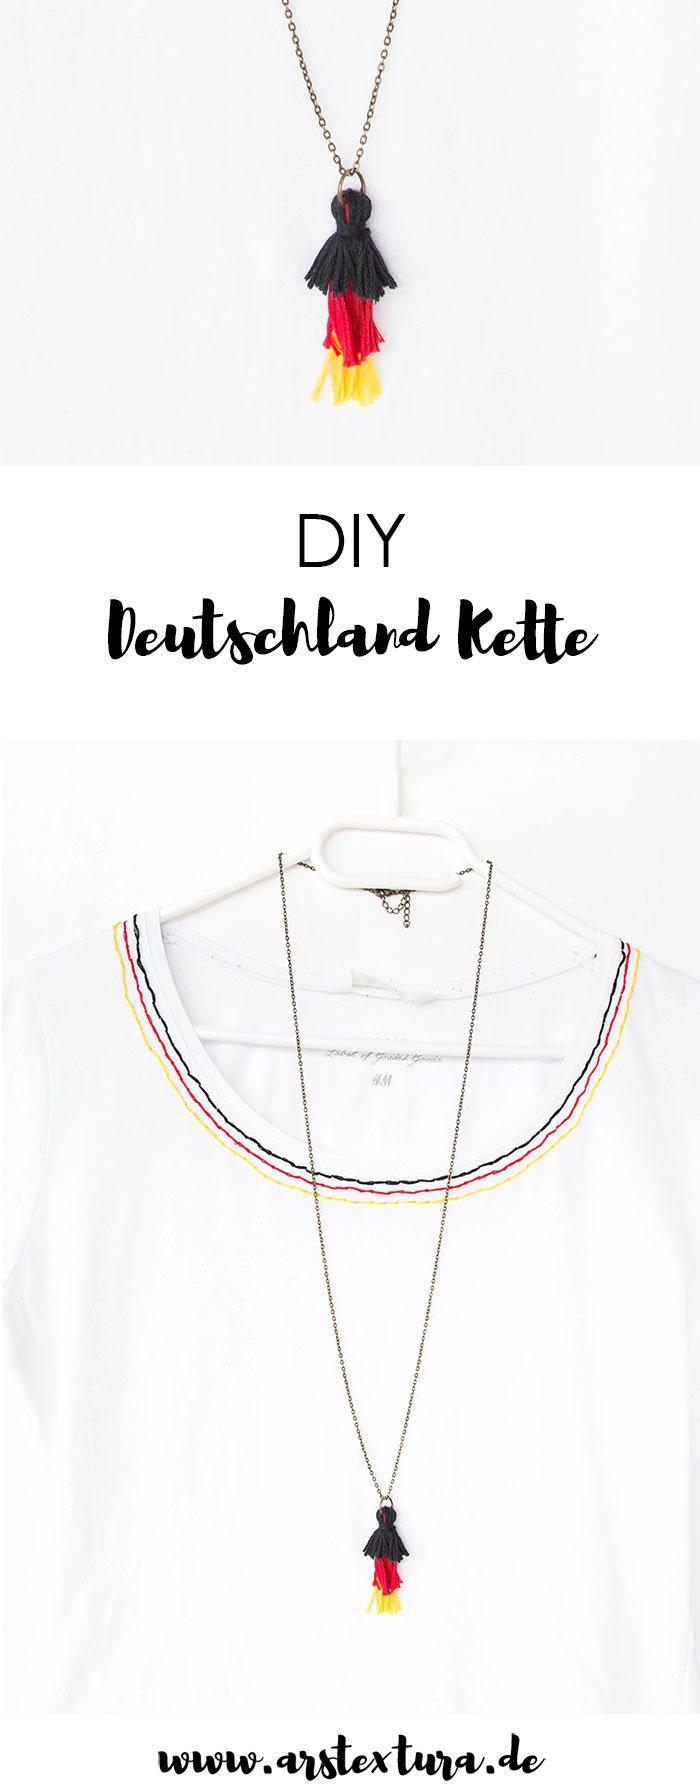 DIY Deutschland Kette basteln für die WM-Party - einfache Quasten Kette basteln | ars textura - DIY Blog